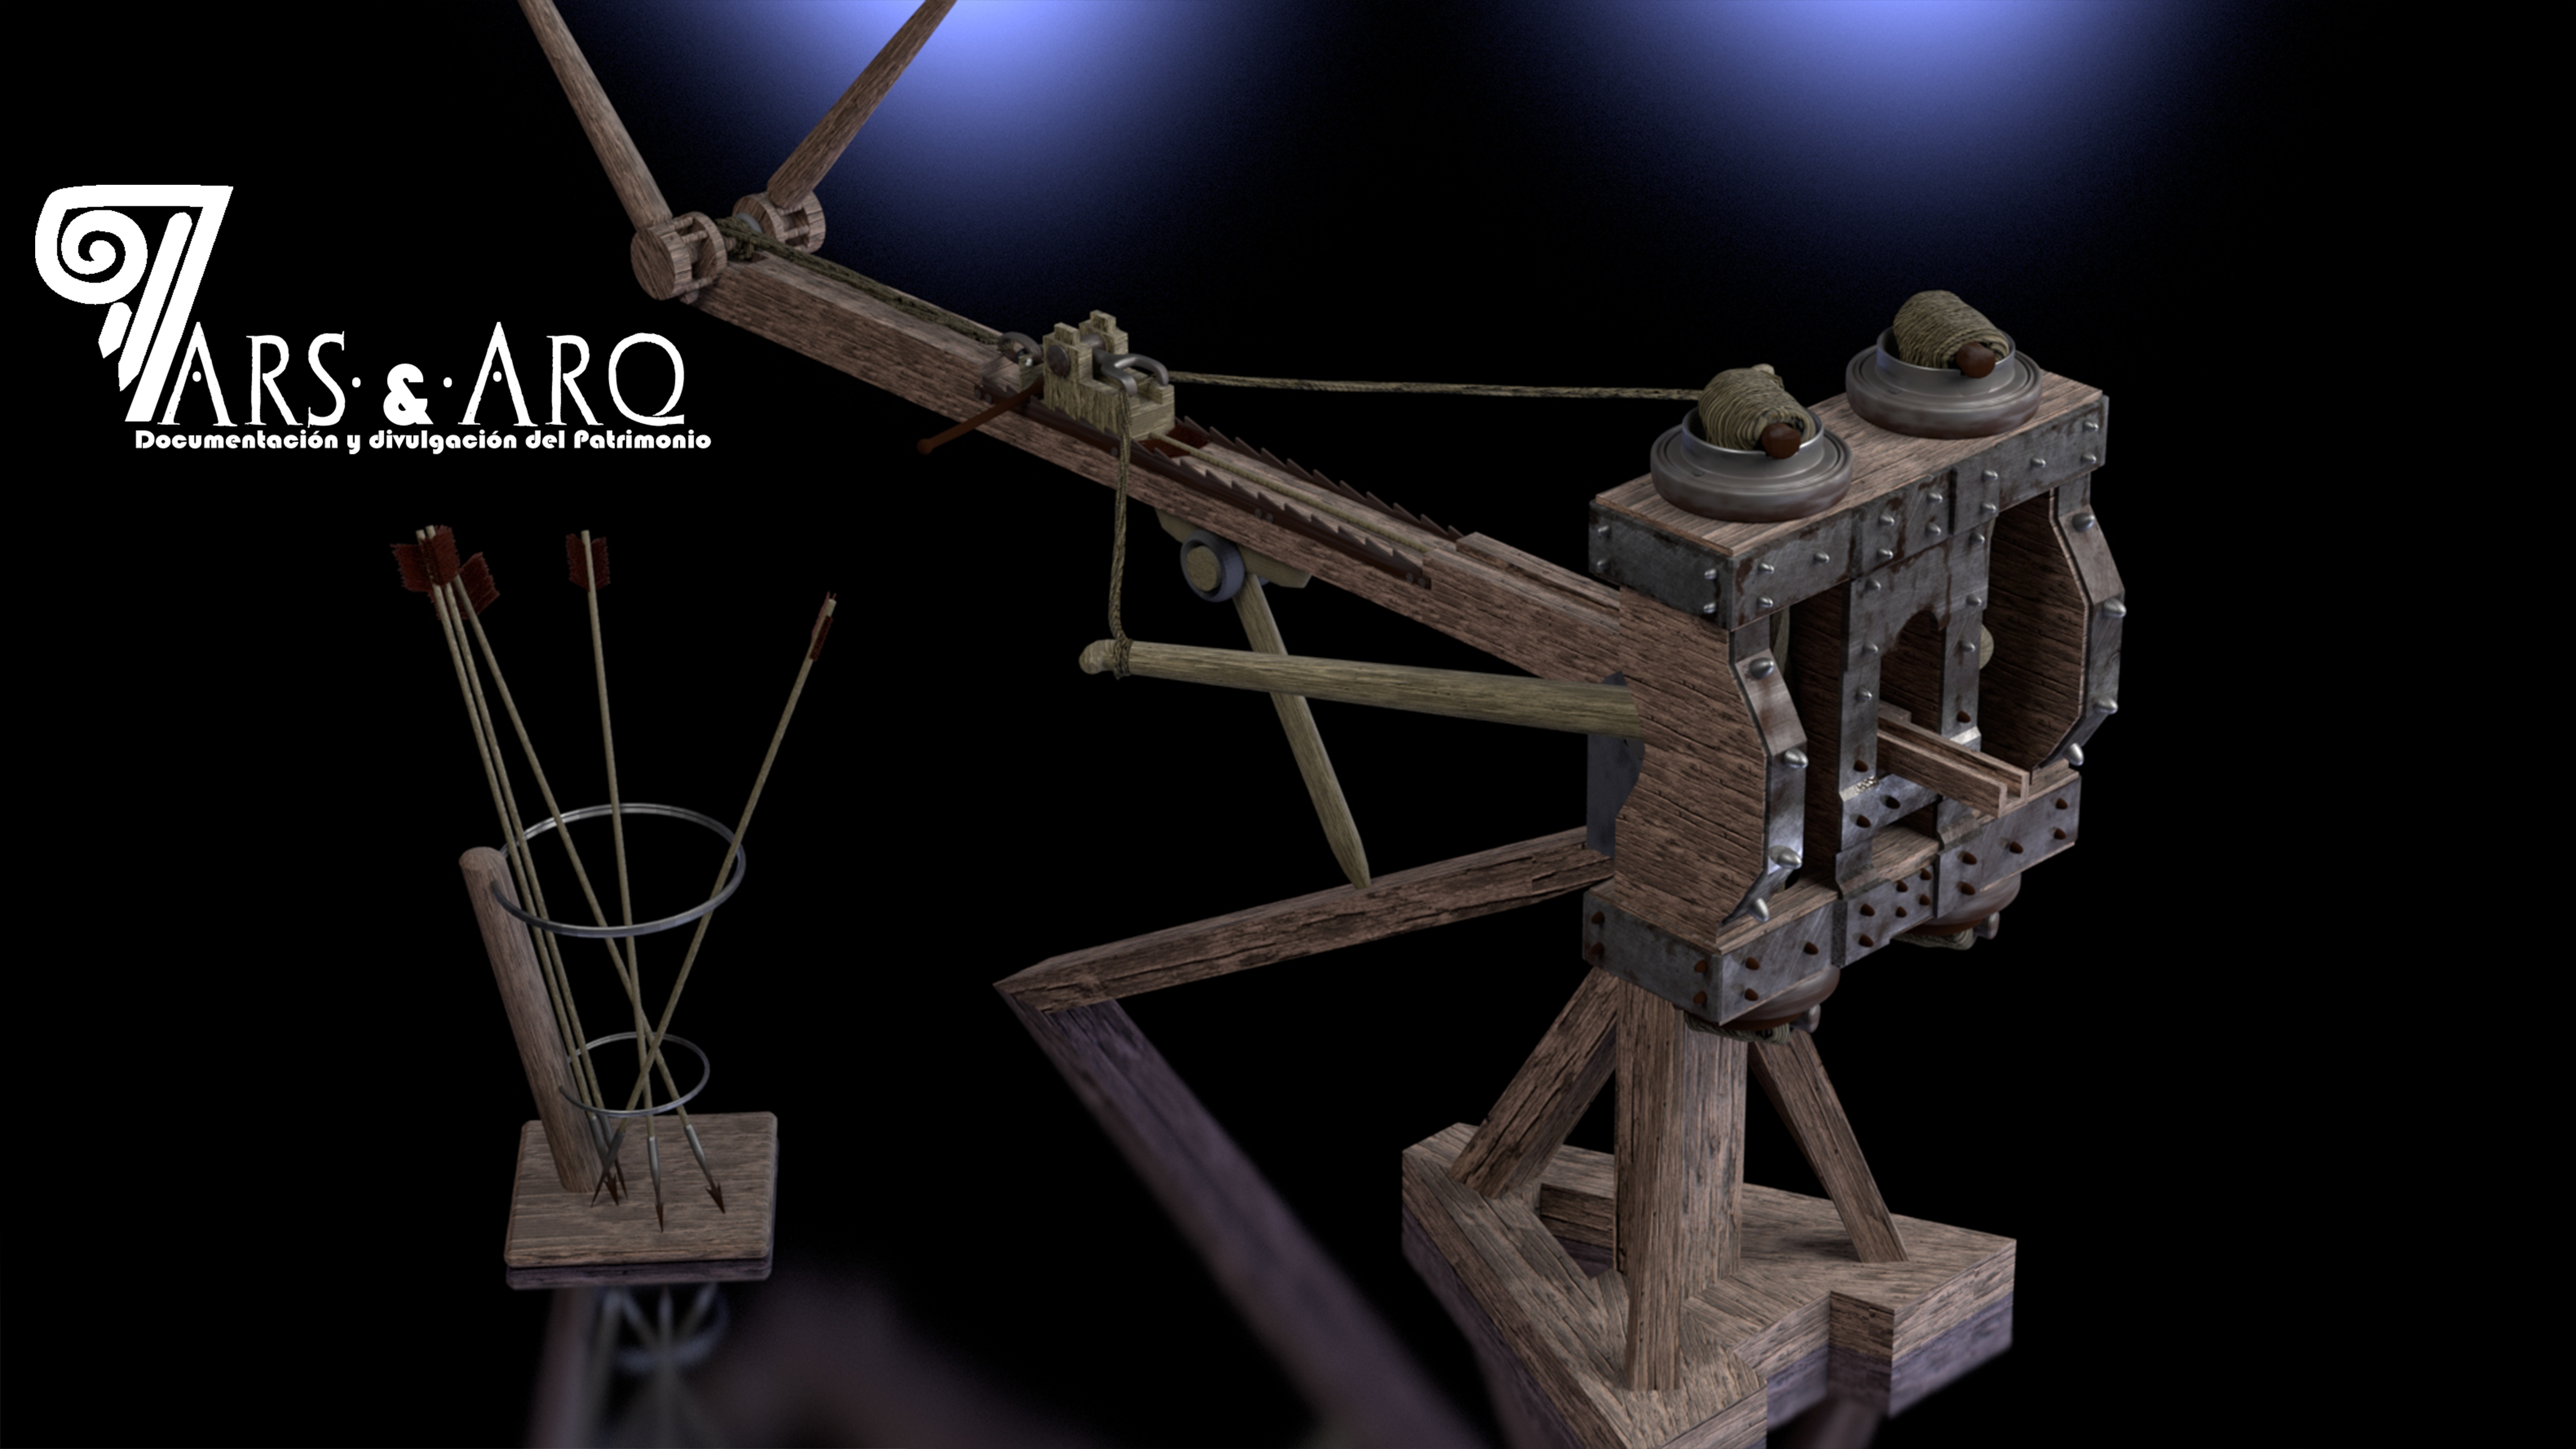 Reconstrucción virtual de scorpio romano.